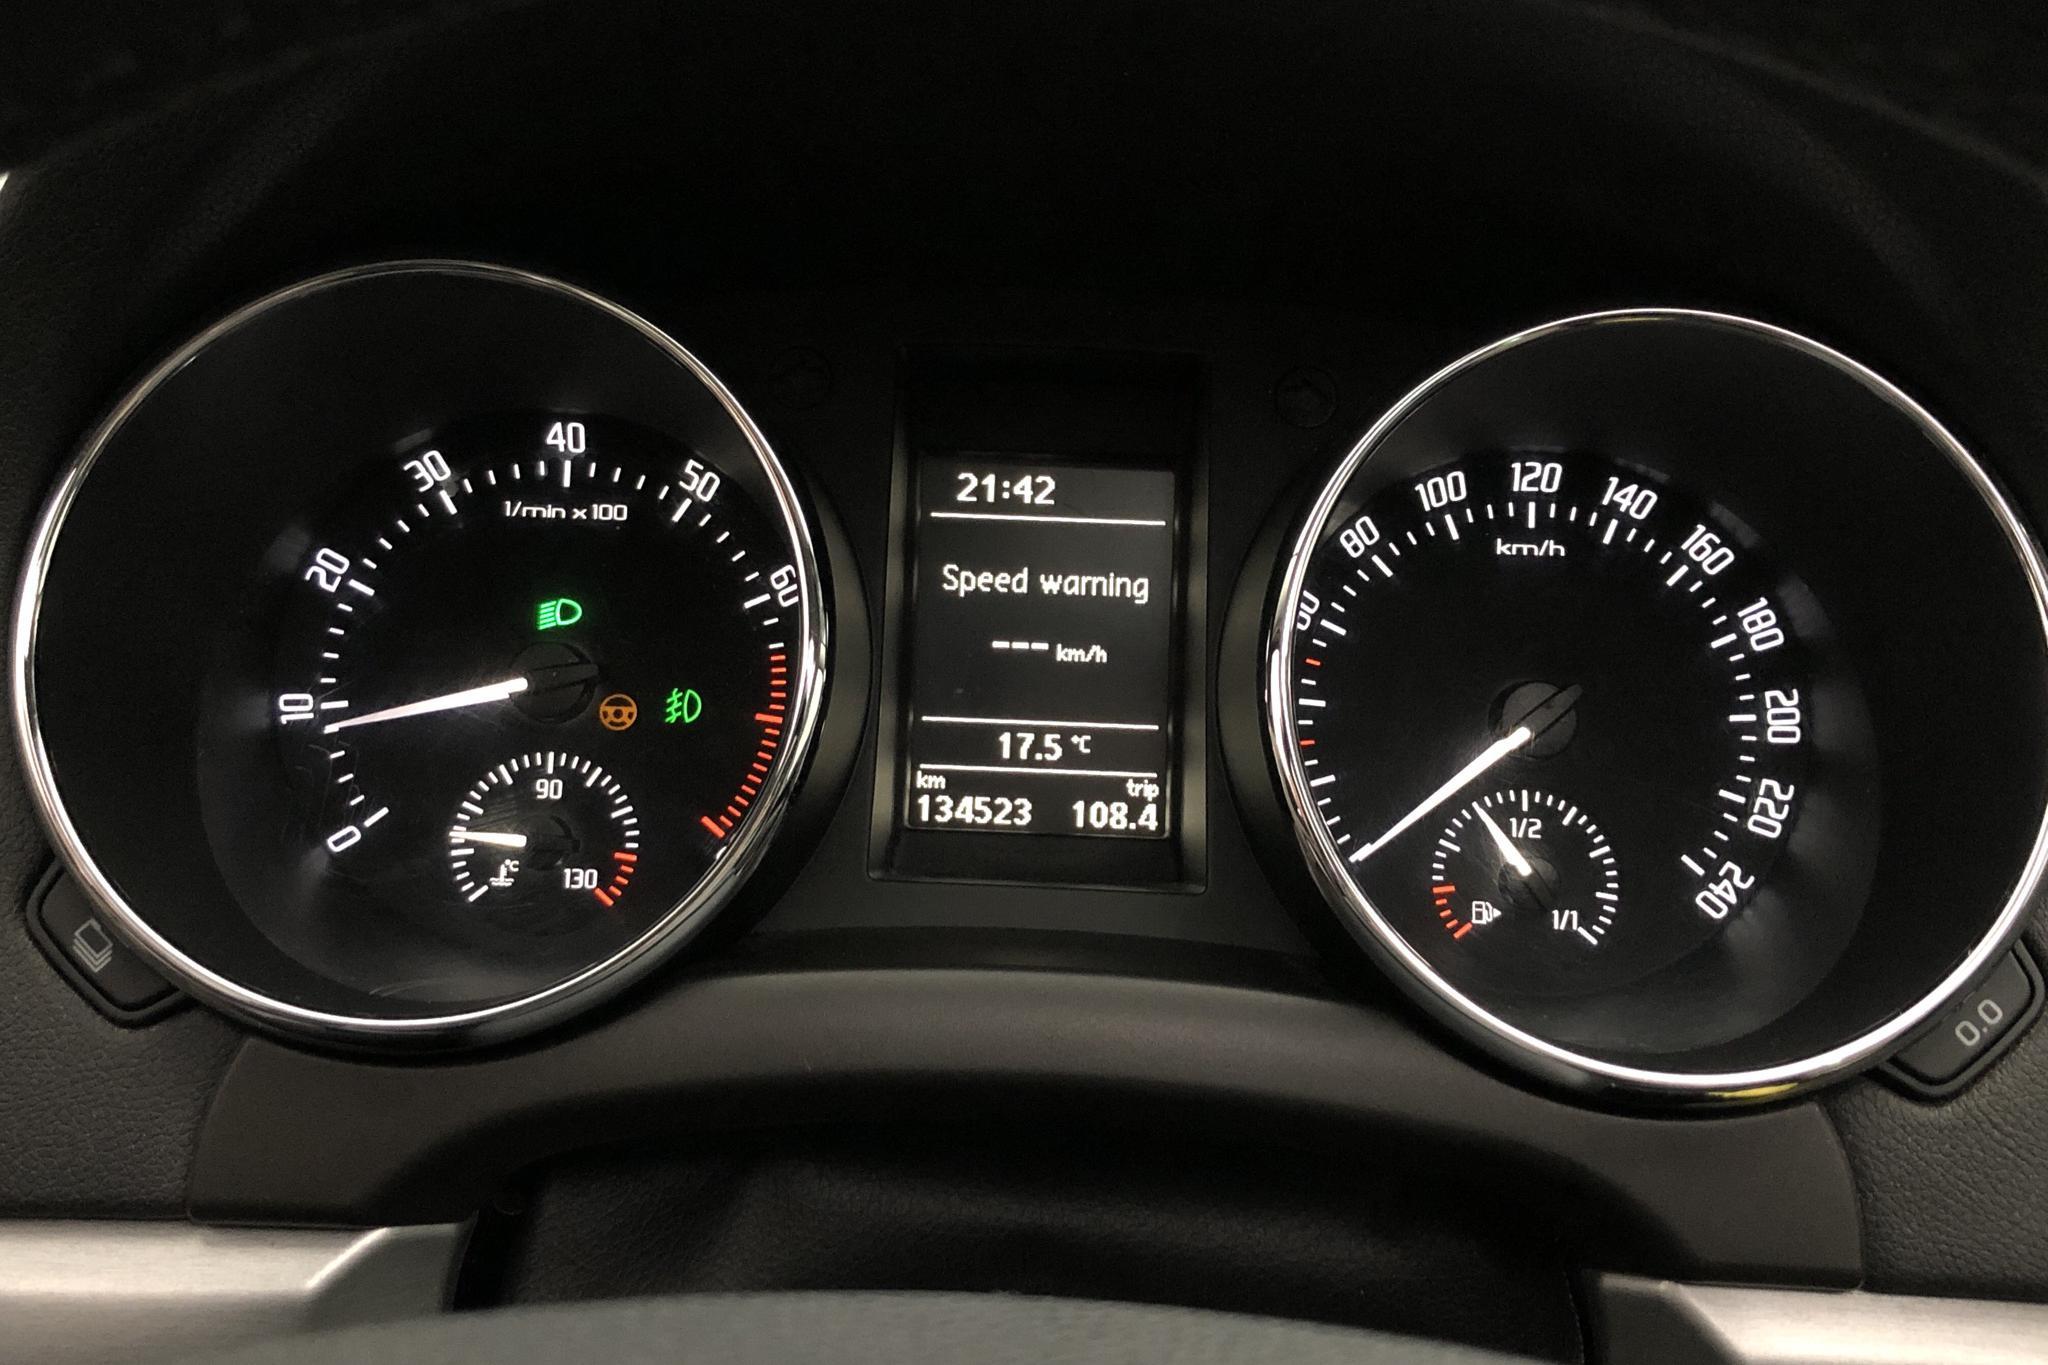 Skoda Yeti 1.8 TSI 4X4 (160hk) - 13 452 mil - Manuell - vit - 2010